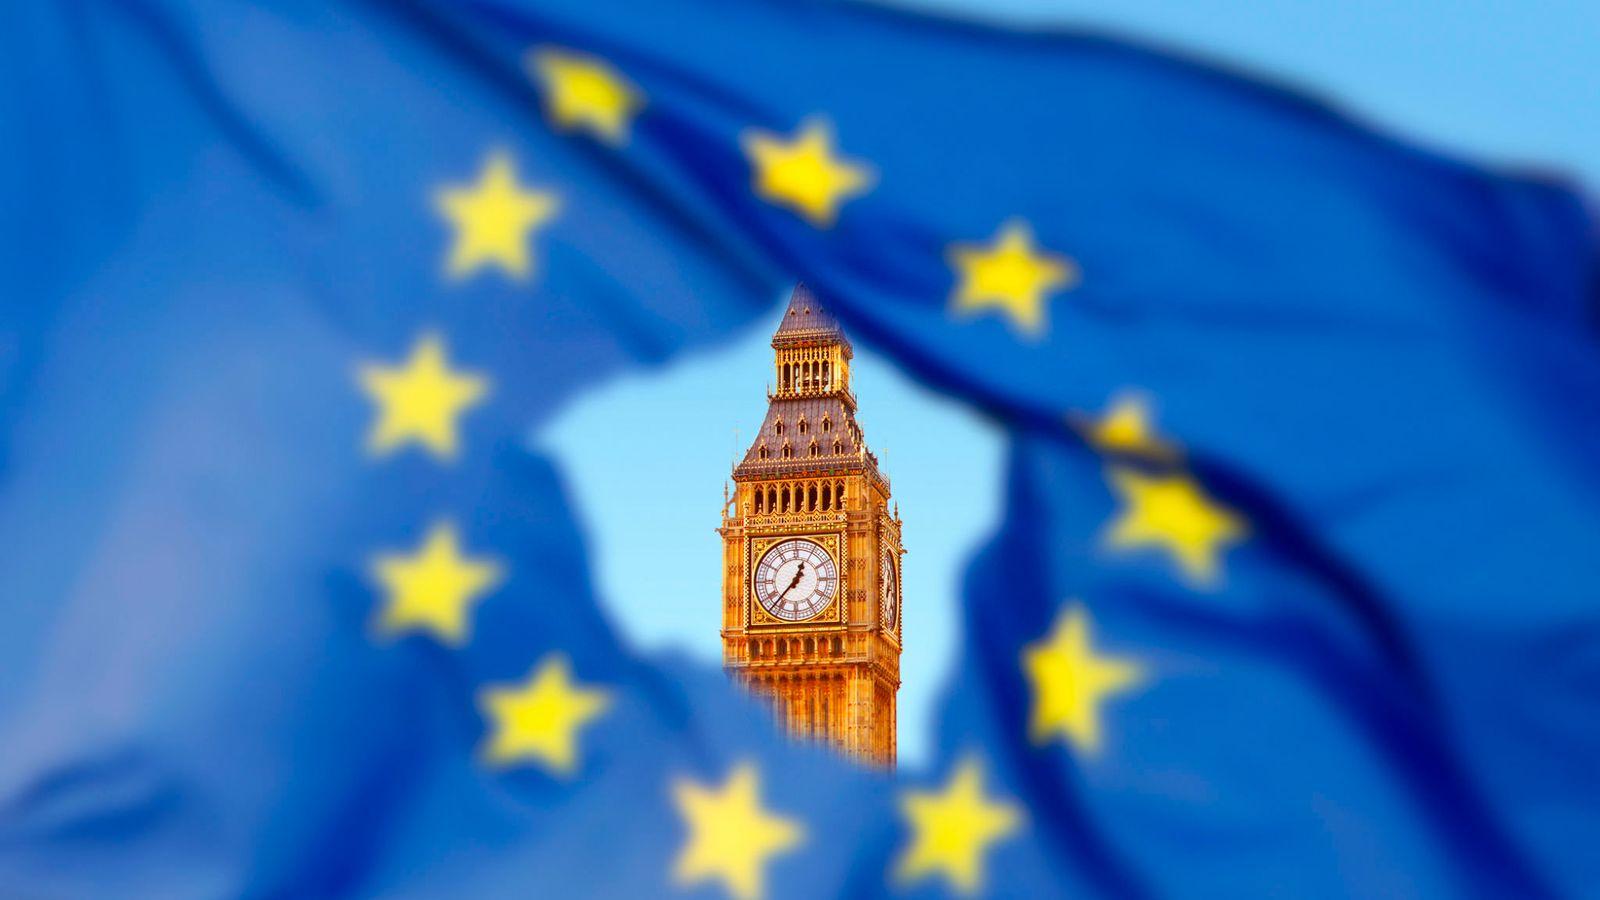 Brexit Schmexit